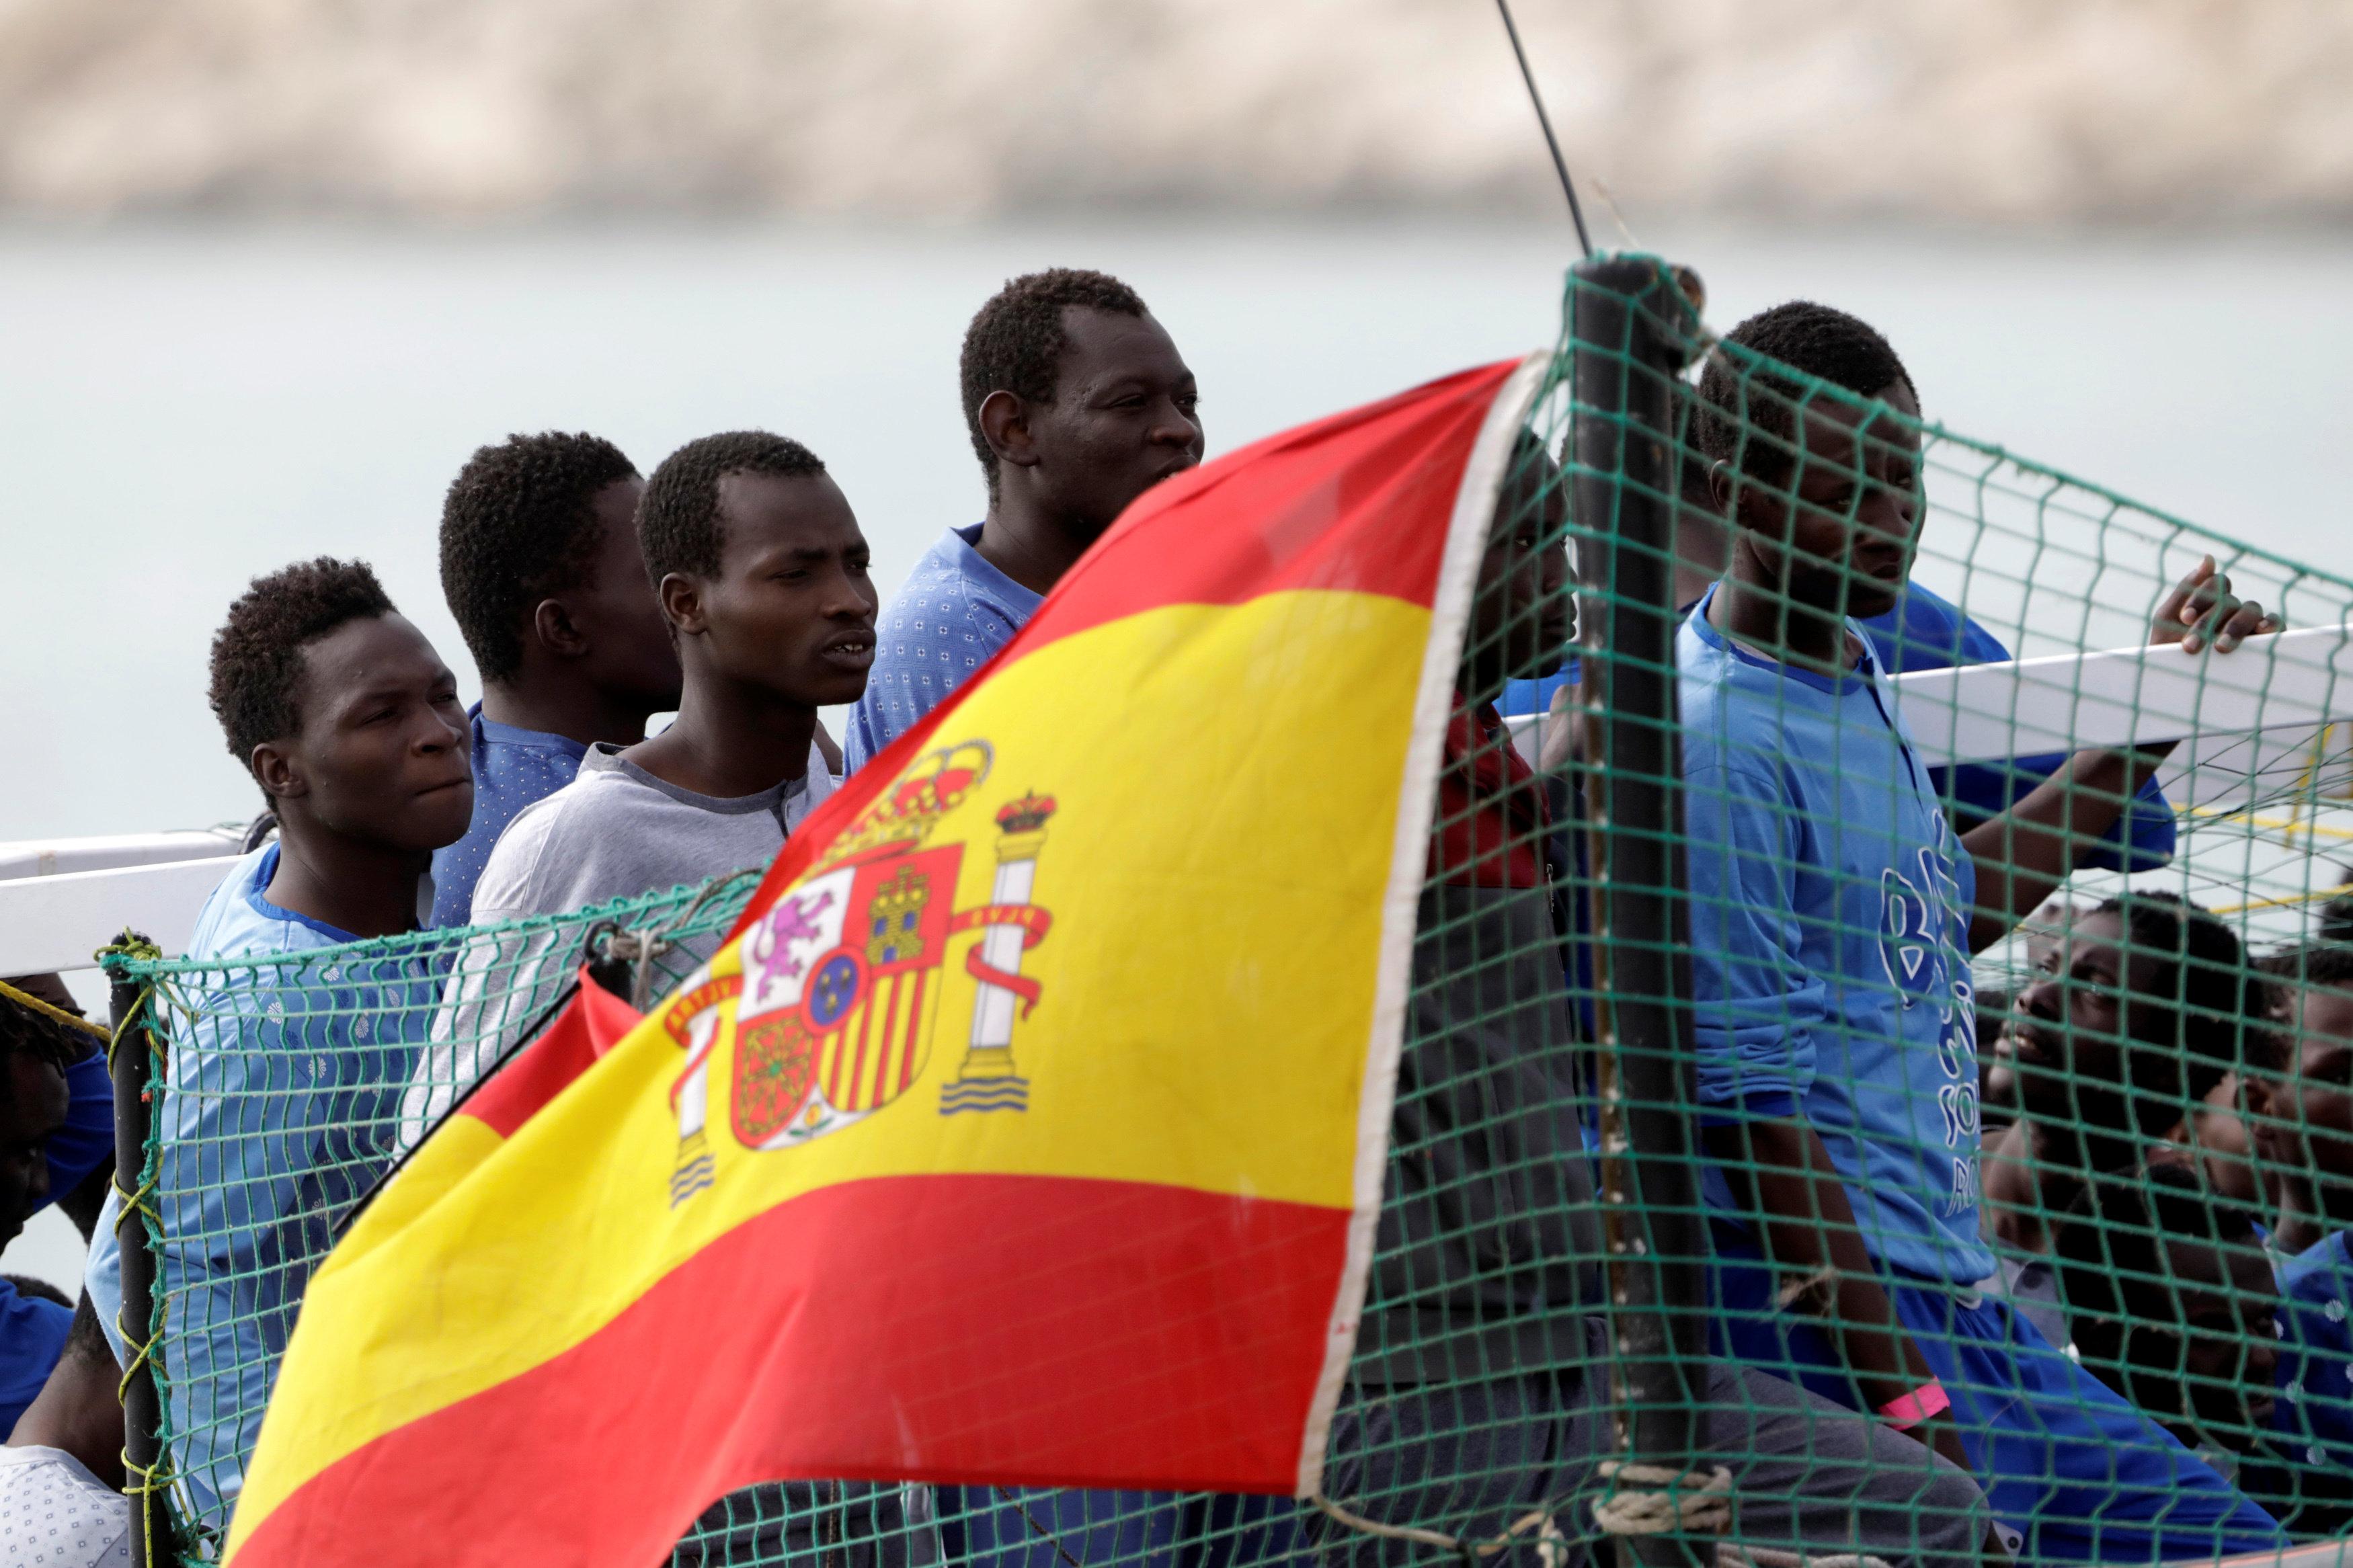 Στη Βαρκελώνη κατευθύνεται το πλοίο της ΜΚΟ ProActiva Open Arms με τους 59 μετανάστες που αρνήθηκε να δεχτεί η